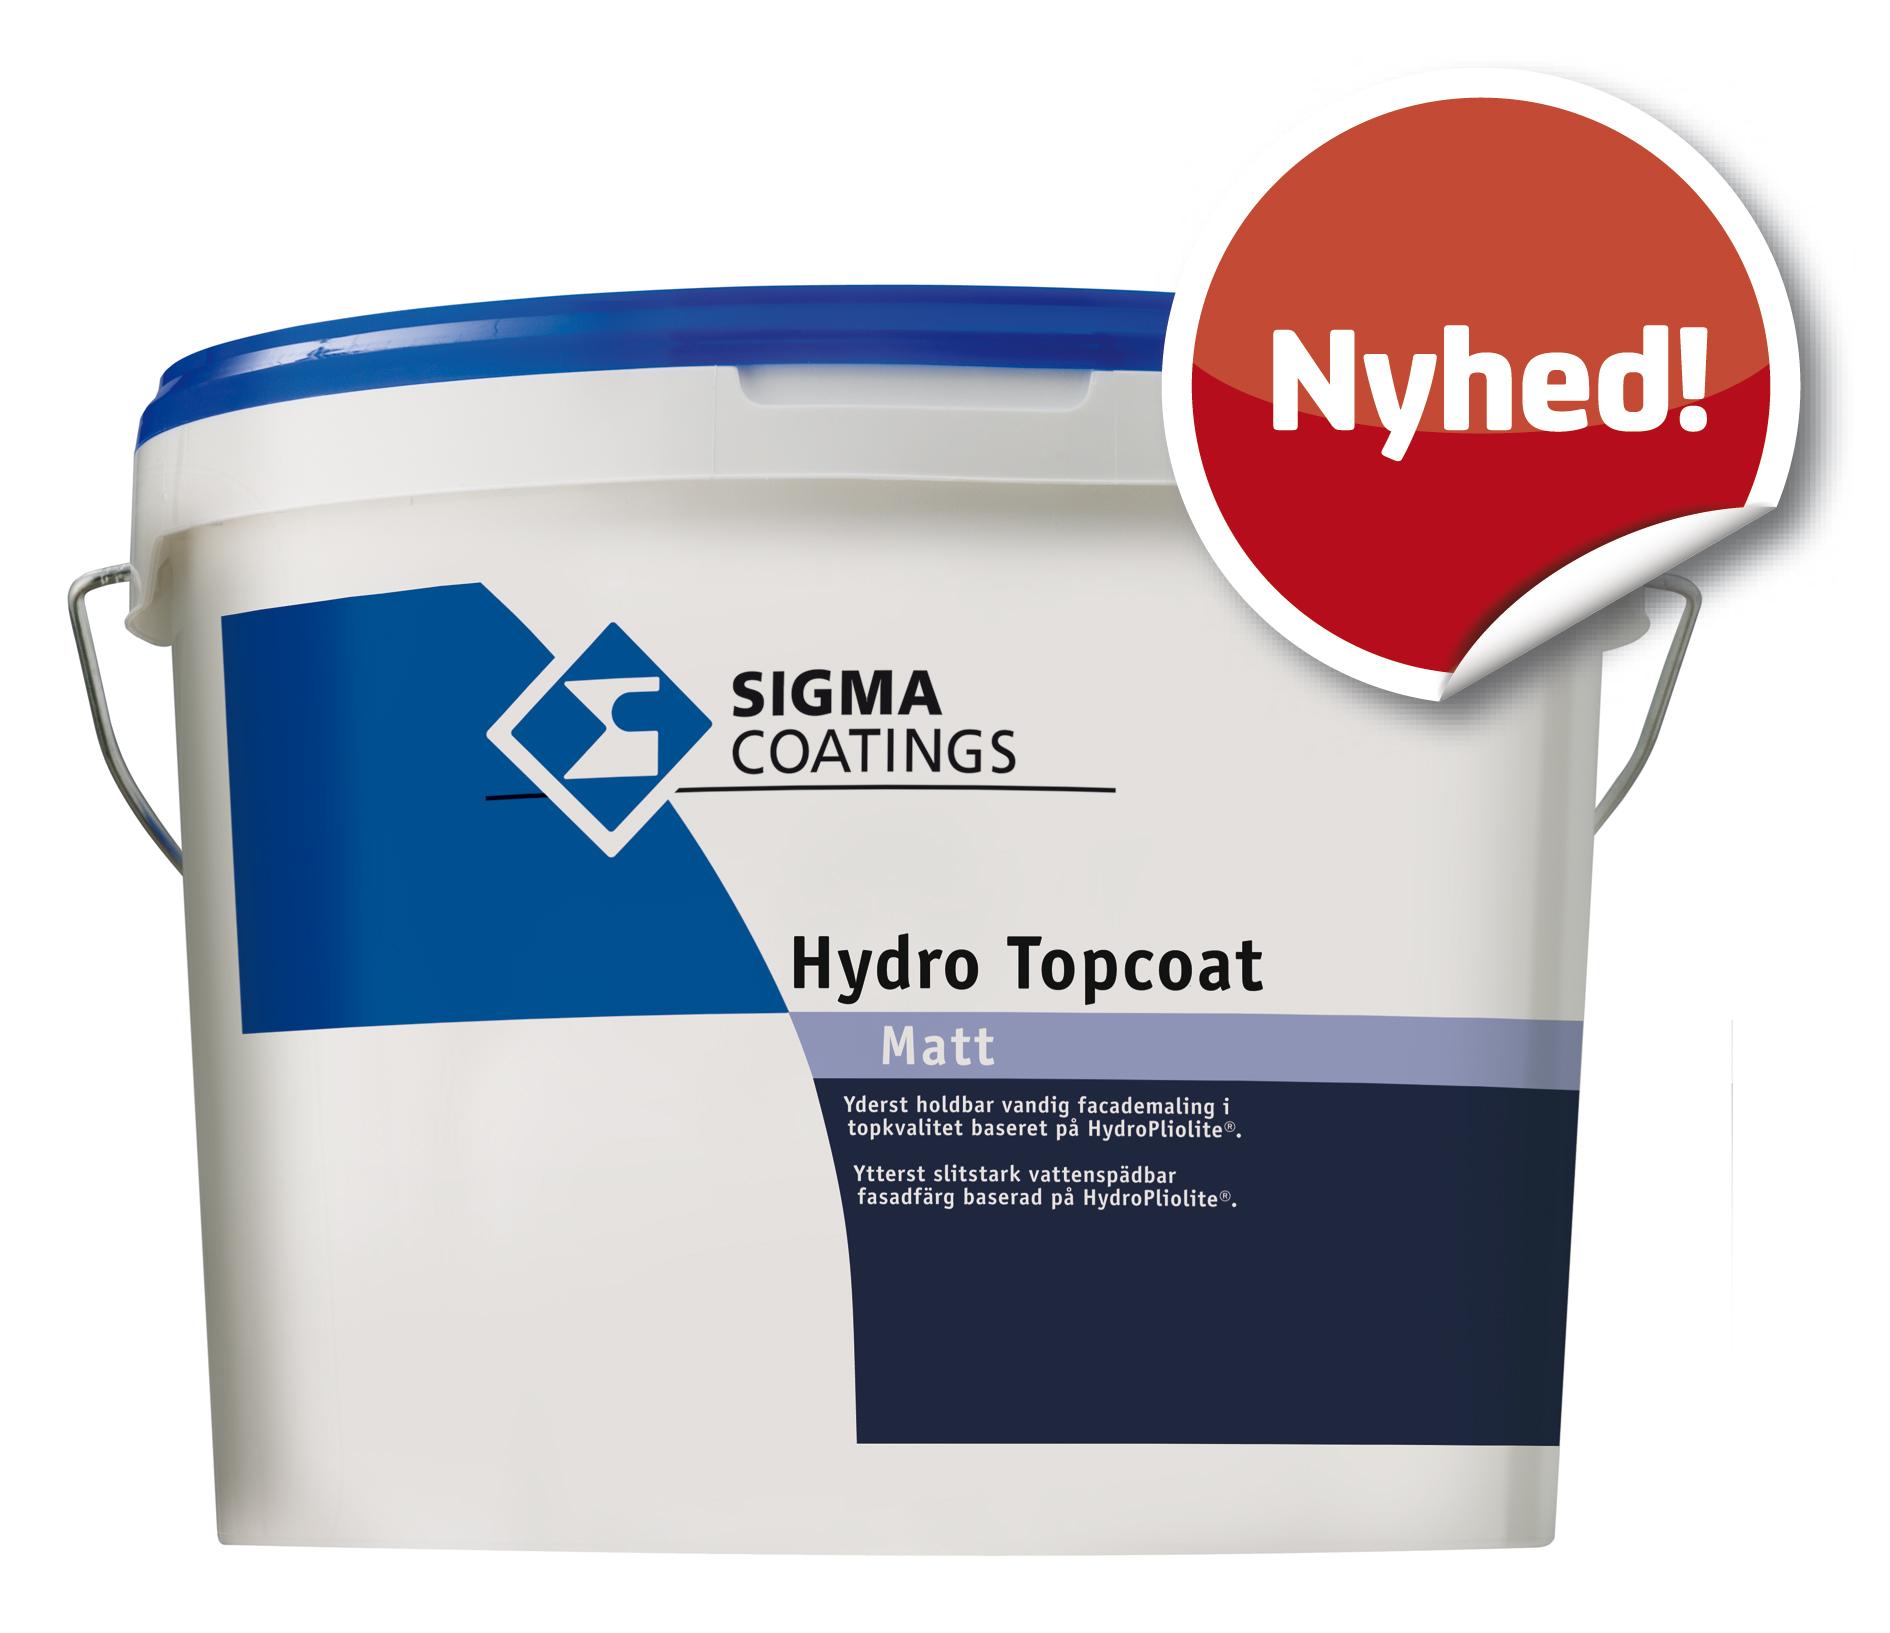 Hydro Topcoat